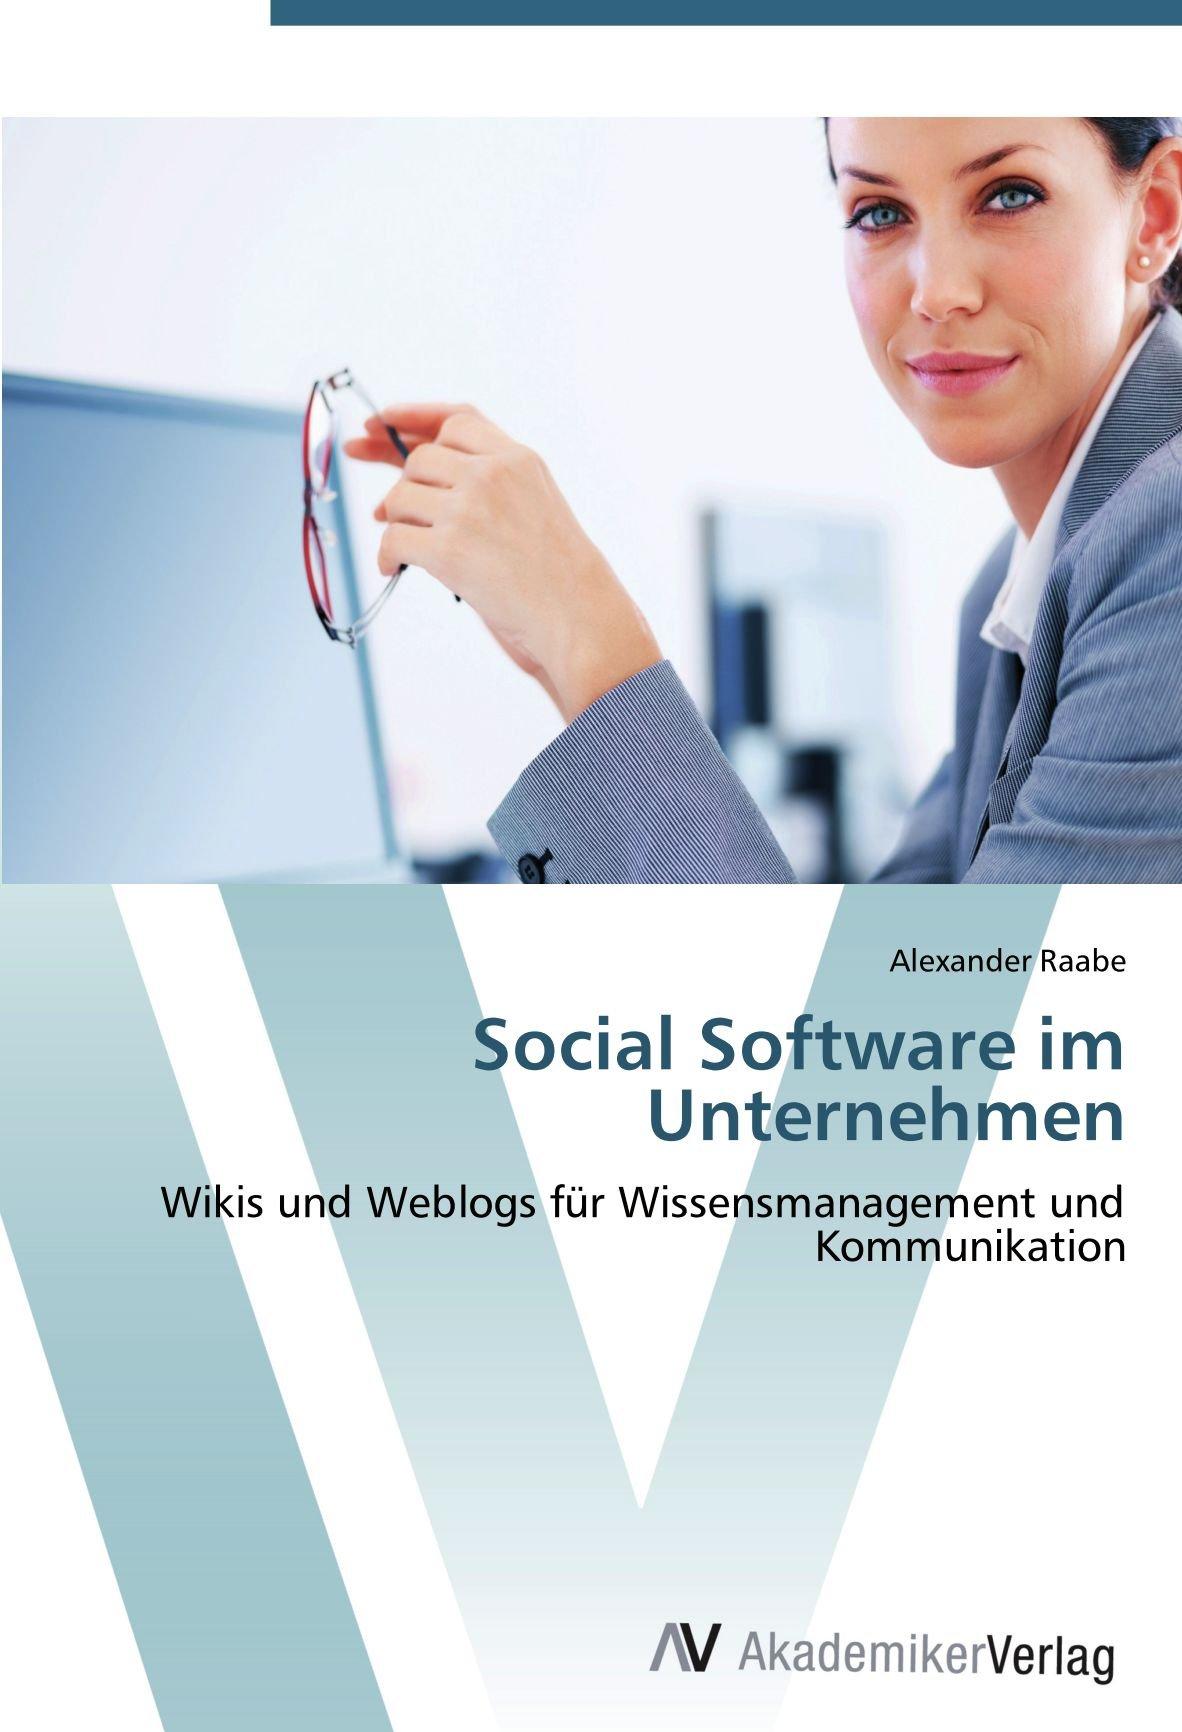 Social Software im Unternehmen: Wikis und Weblogs für Wissensmanagement und Kommunikation